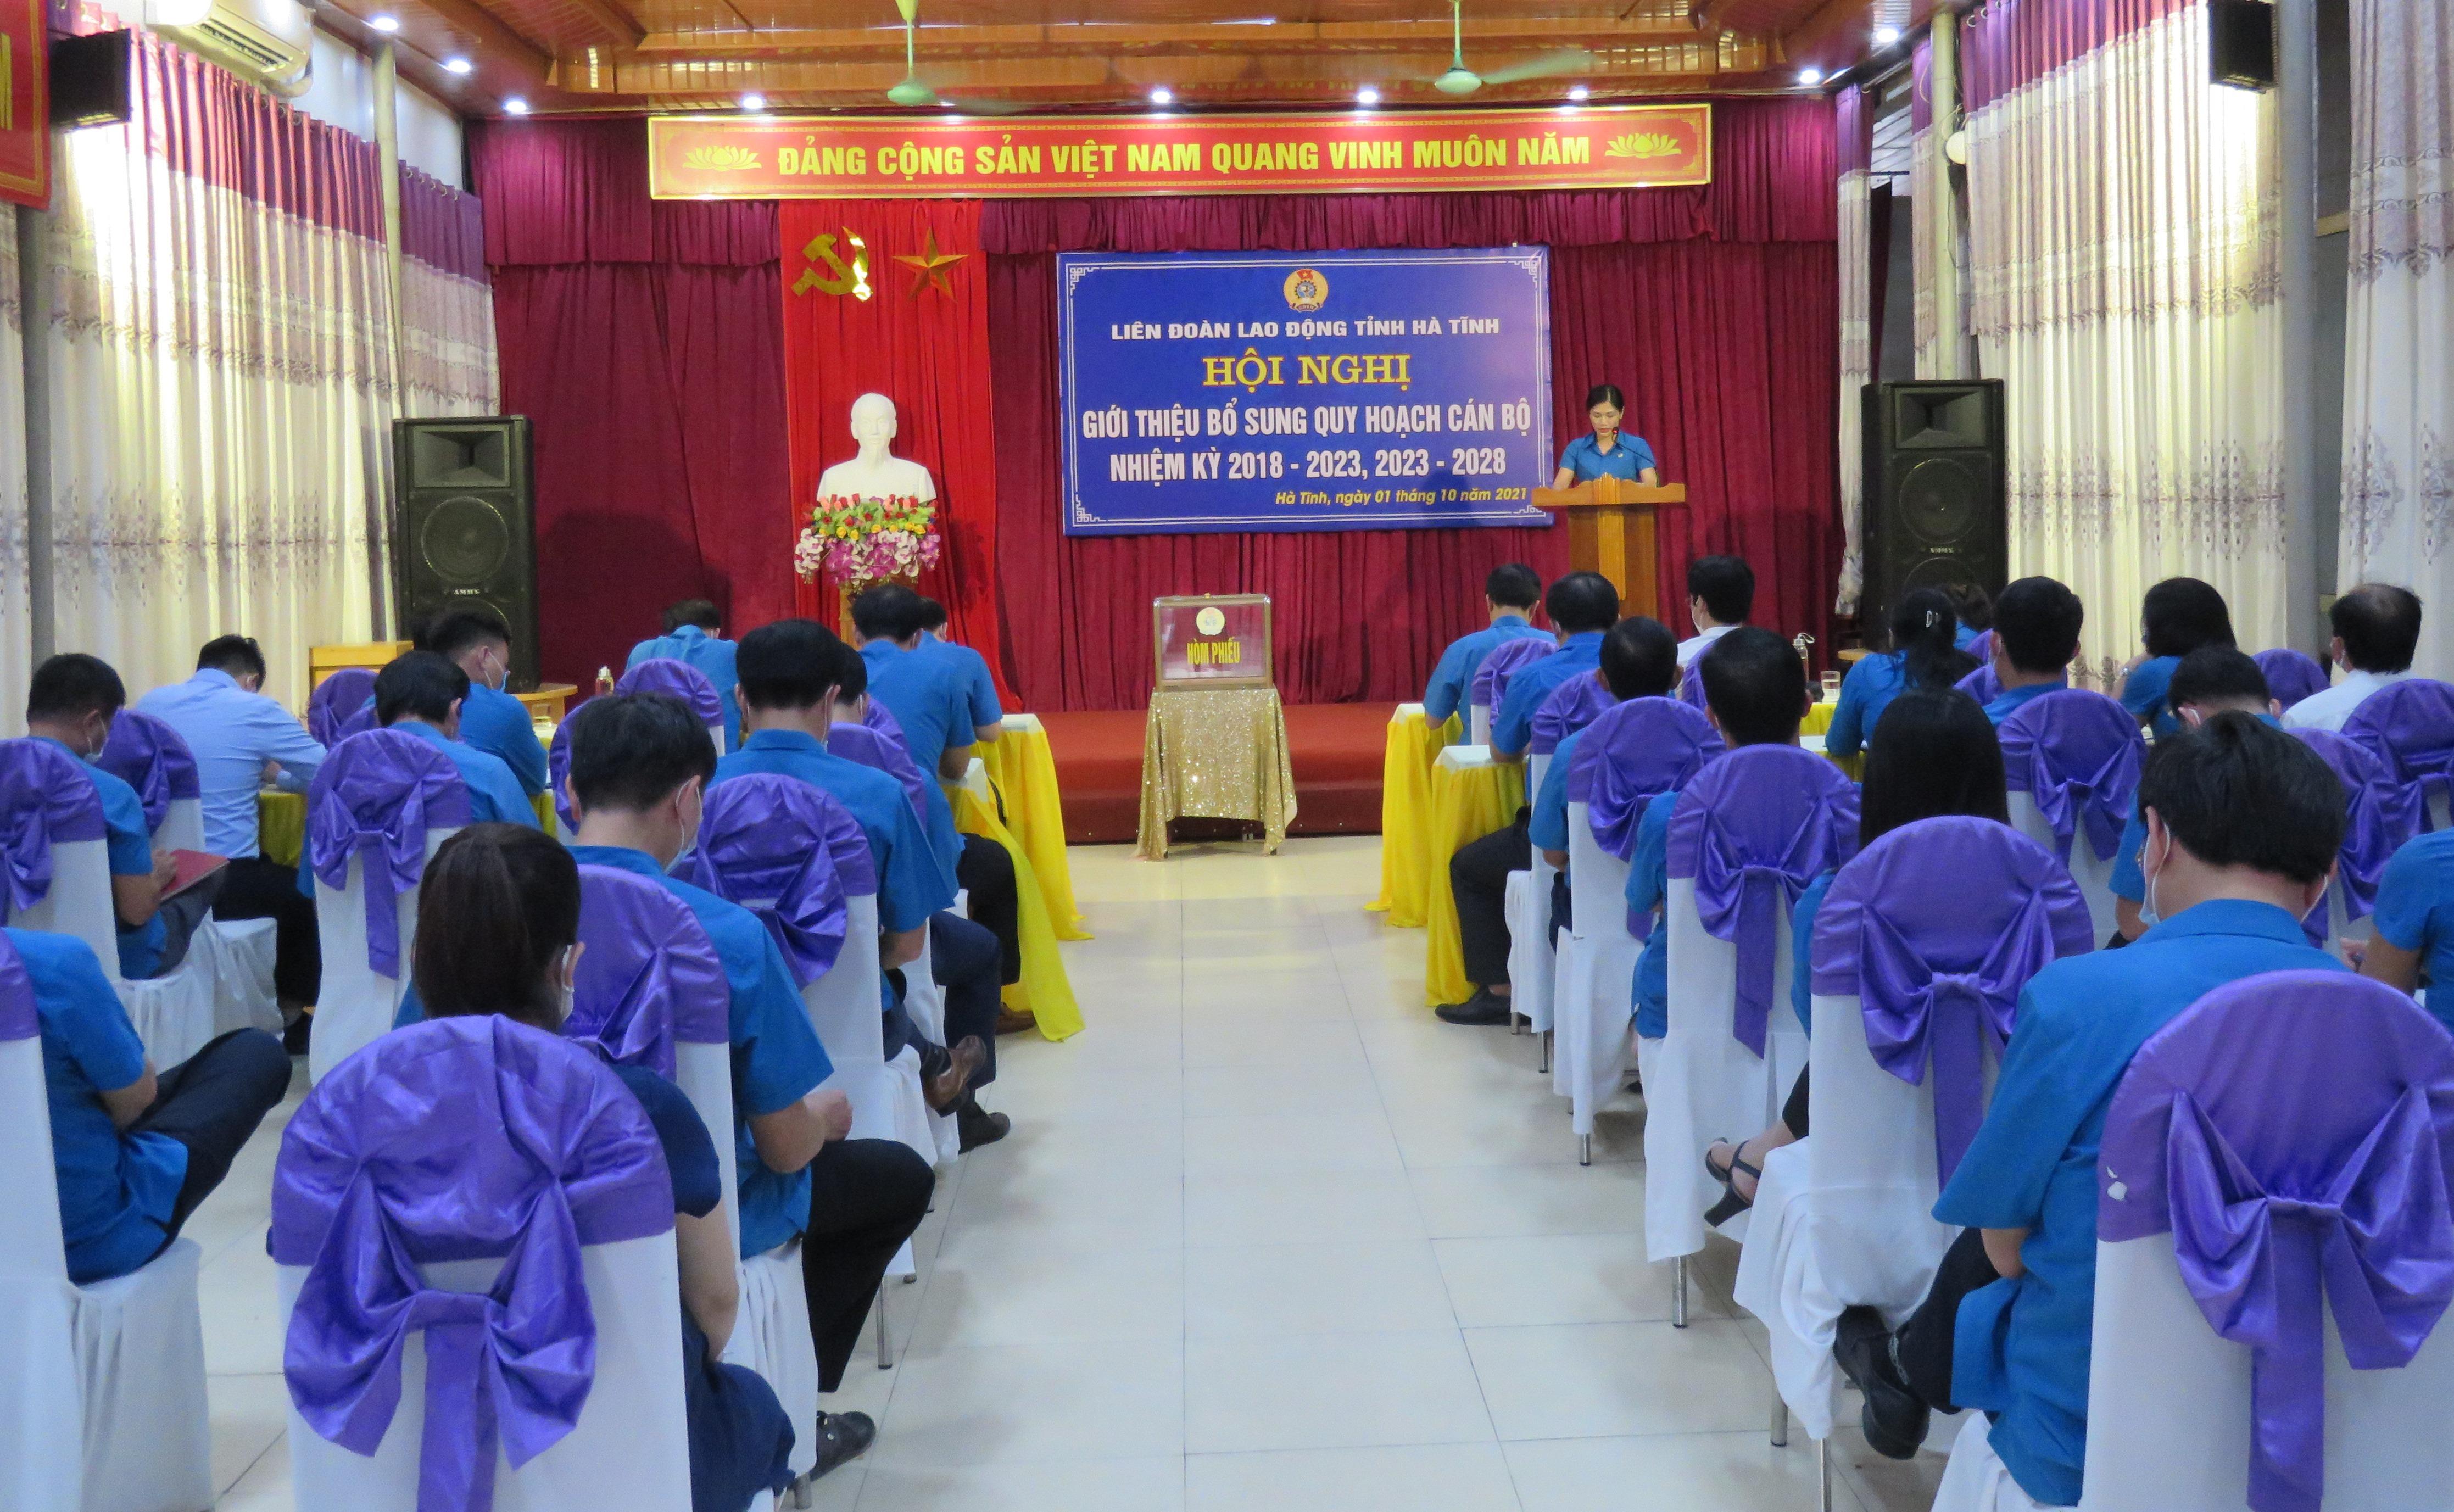 Liên đoàn Lao động tỉnh: Sơ kết hoạt động Công đoàn Quý III/2021 và rà soát, bổ sung quy hoạch cán bộ thuộc diện Ban Thường vụ Tỉnh ủy quản lý